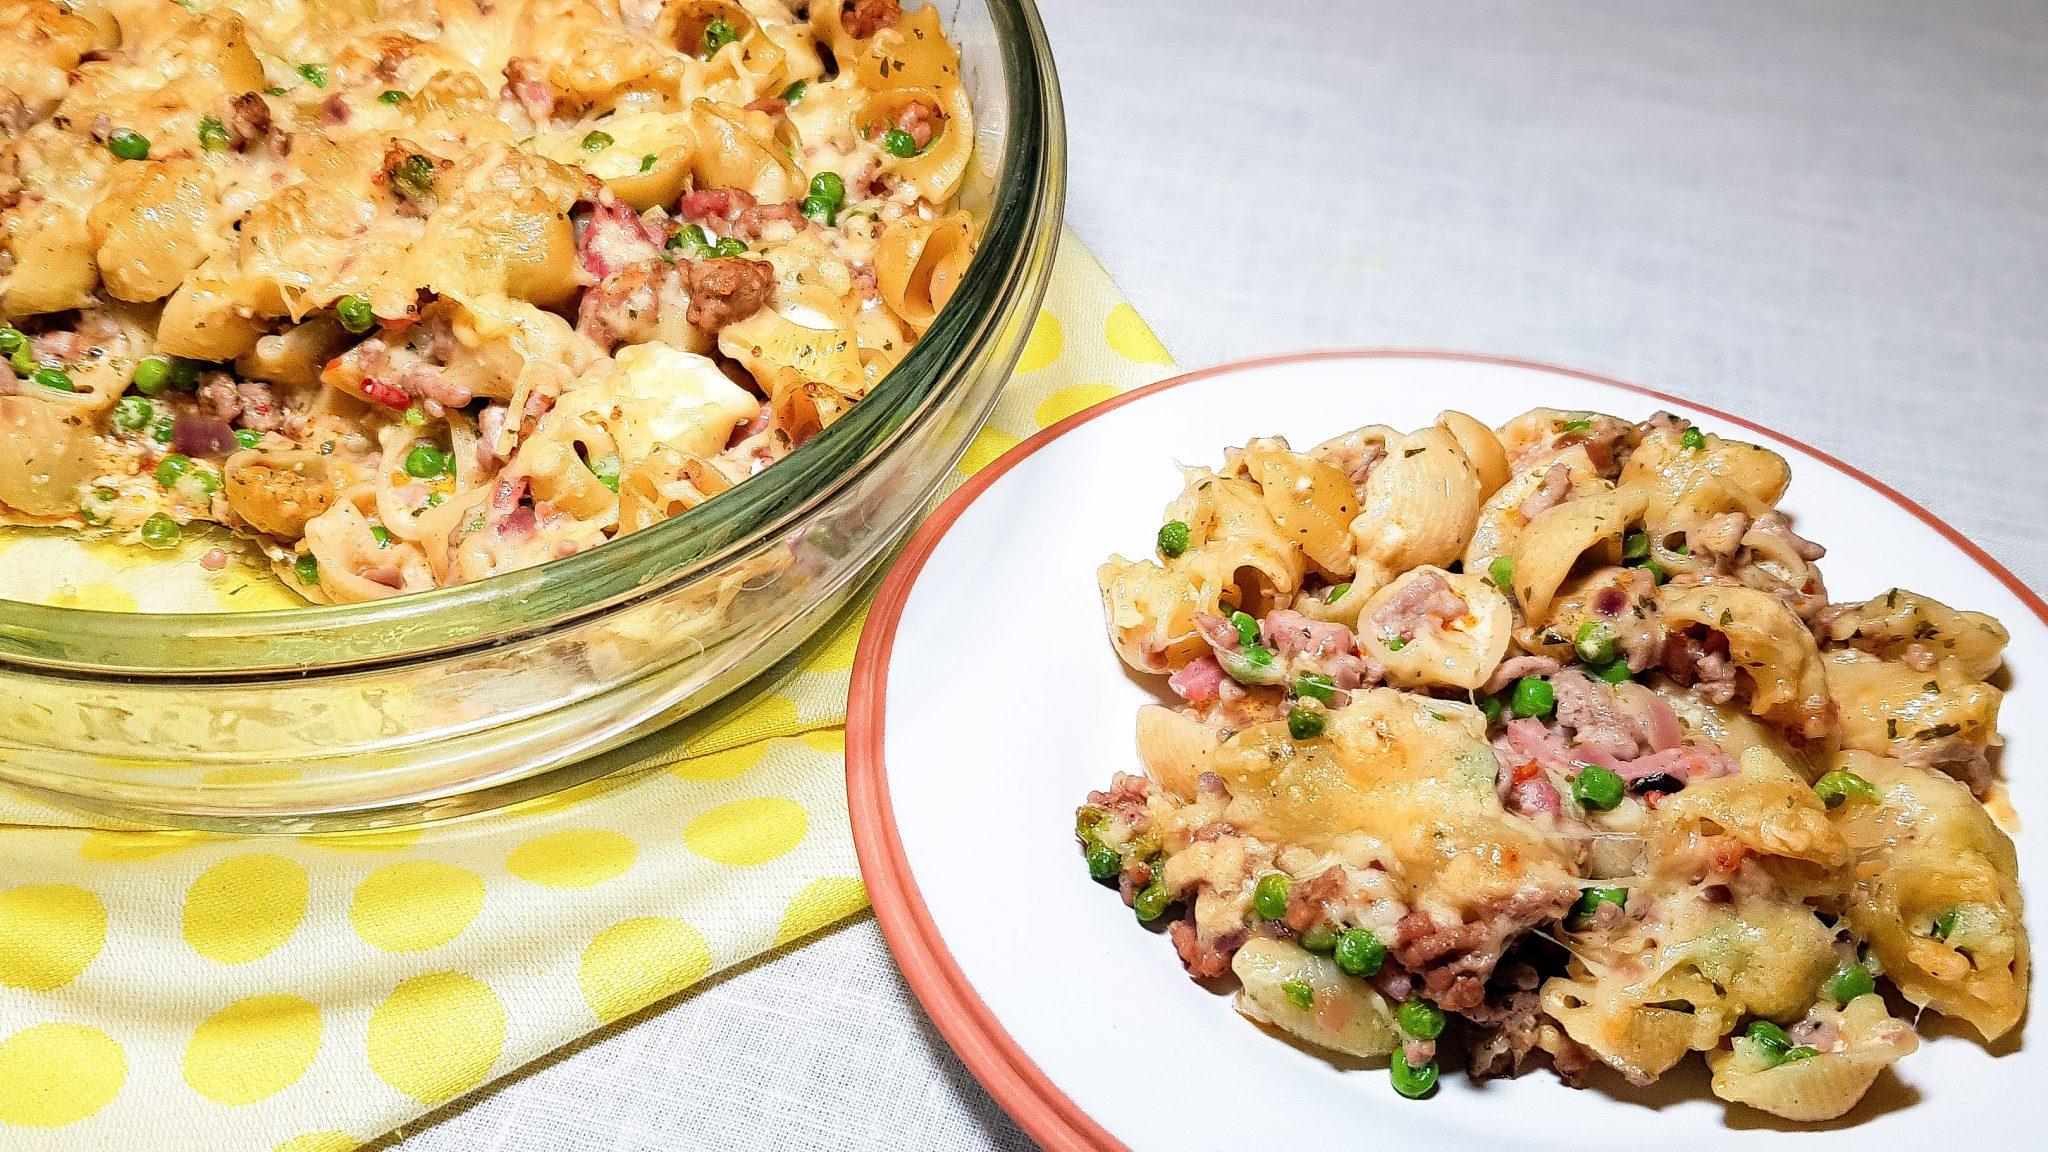 Macaroni schotel met gehakt en erwtjes